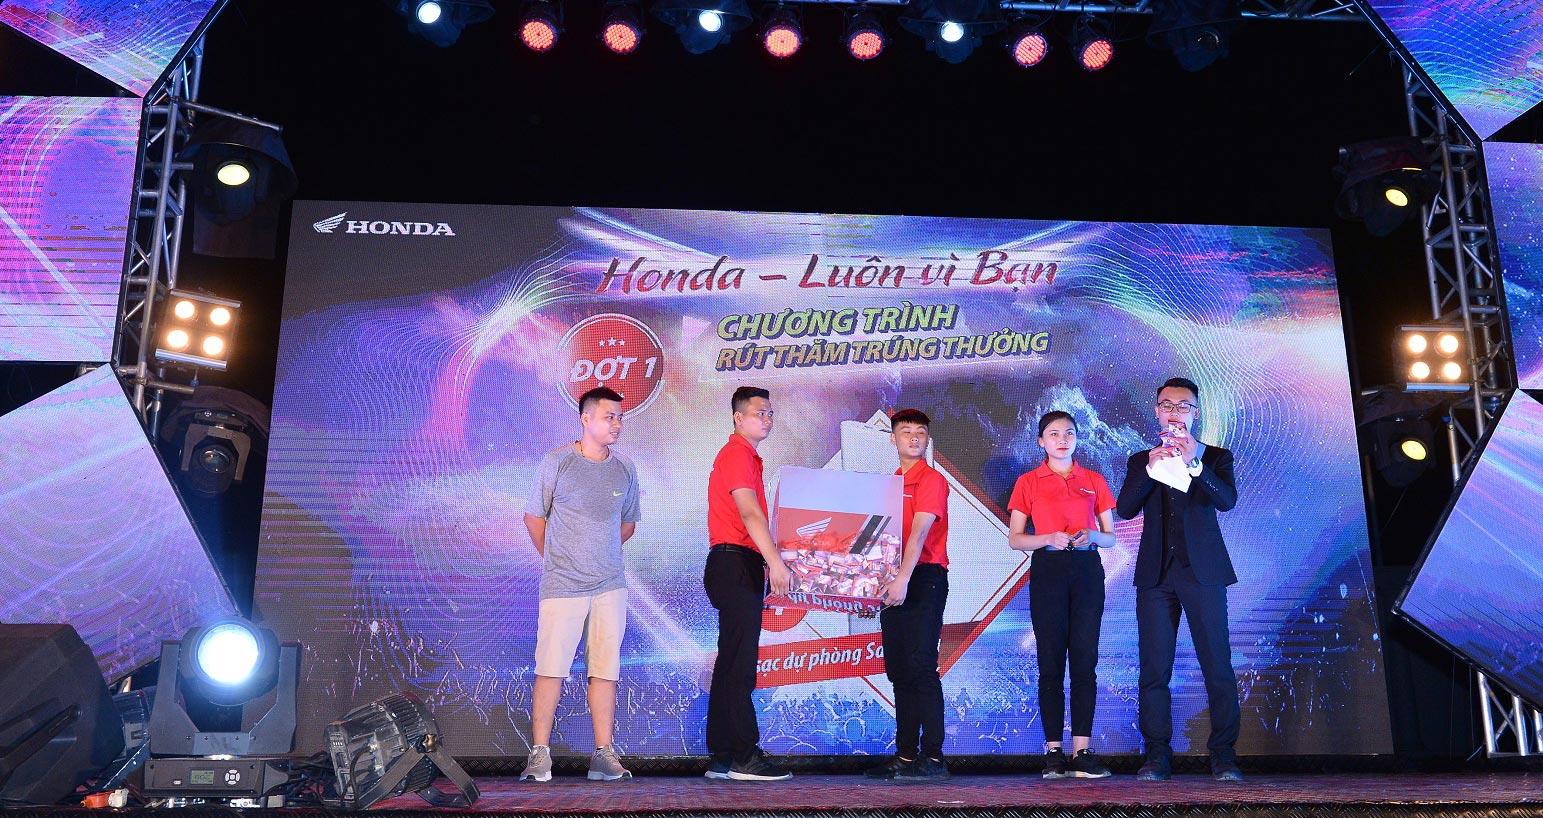 """Honda Việt Nam tiếp tục triển khai  chương trình """"Honda – Luôn vì bạn 2019"""""""